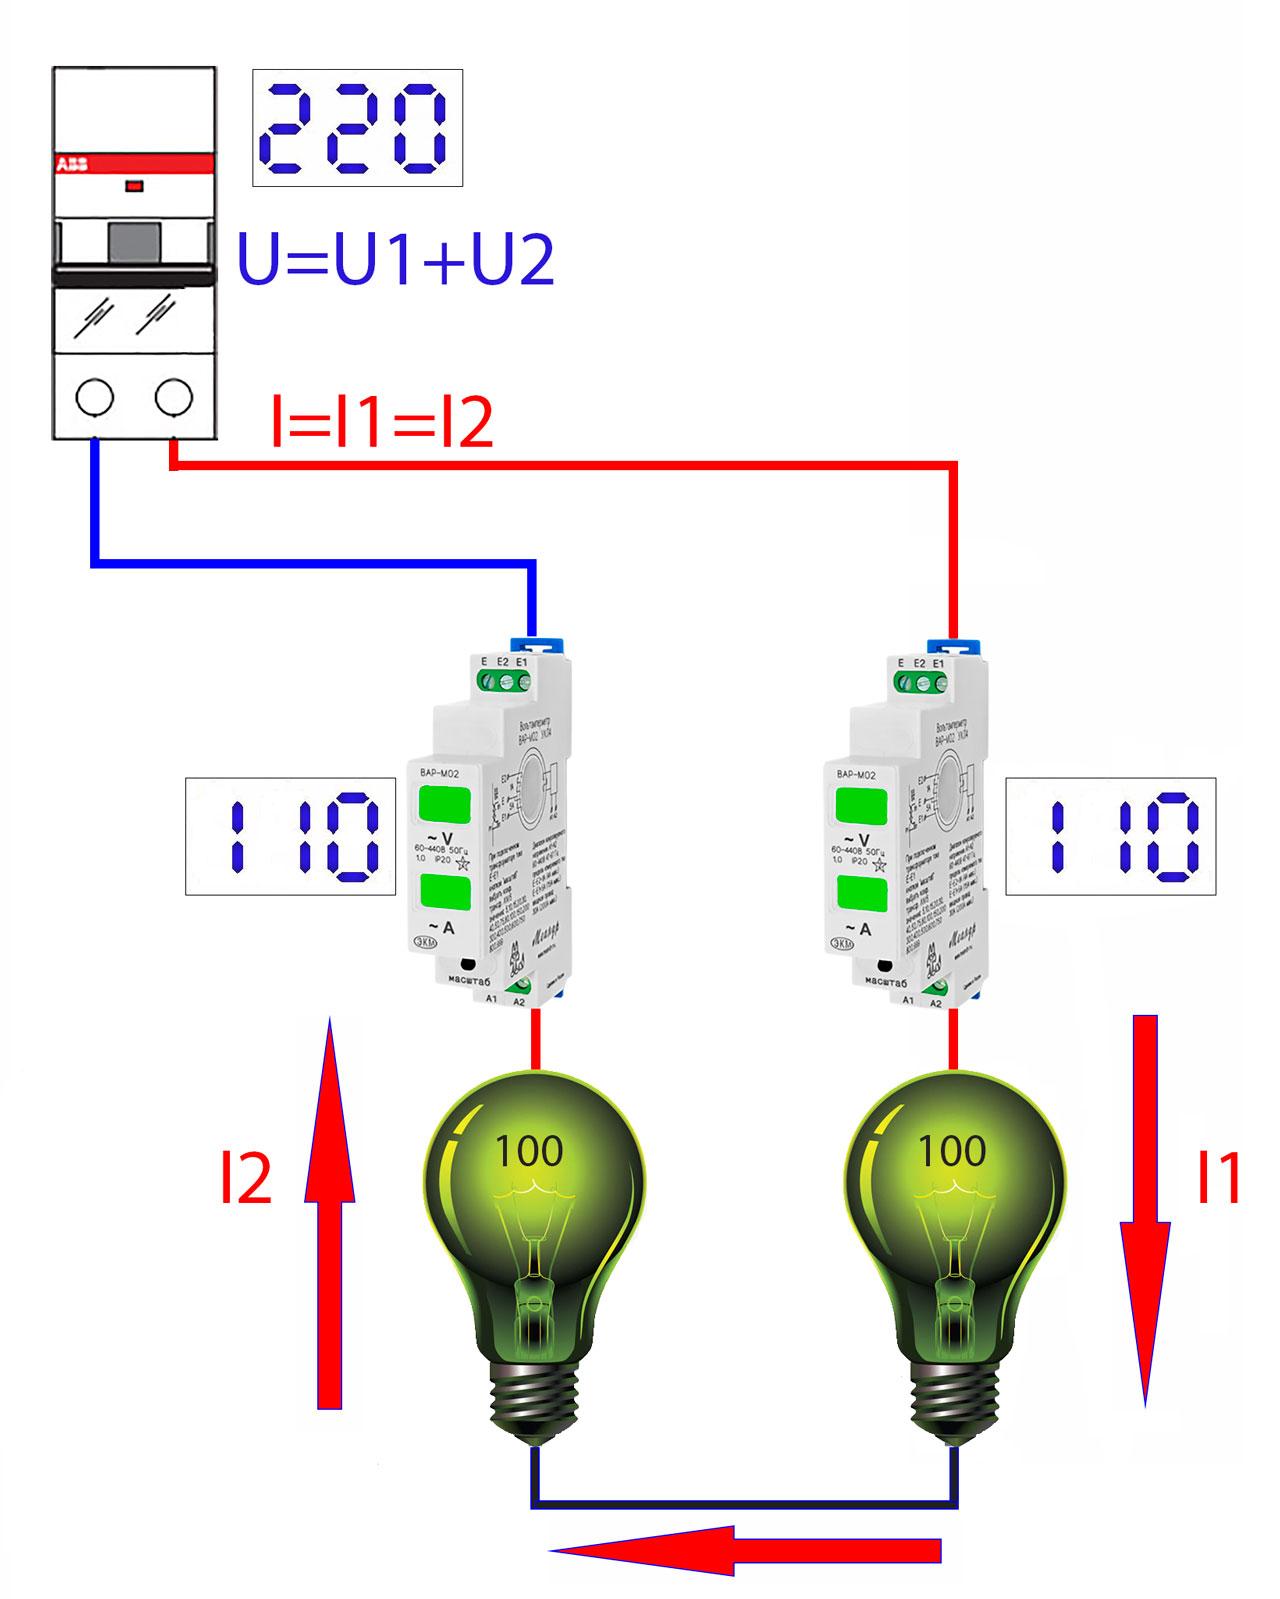 последовательная схема подключения электроприборов в сеть 220В